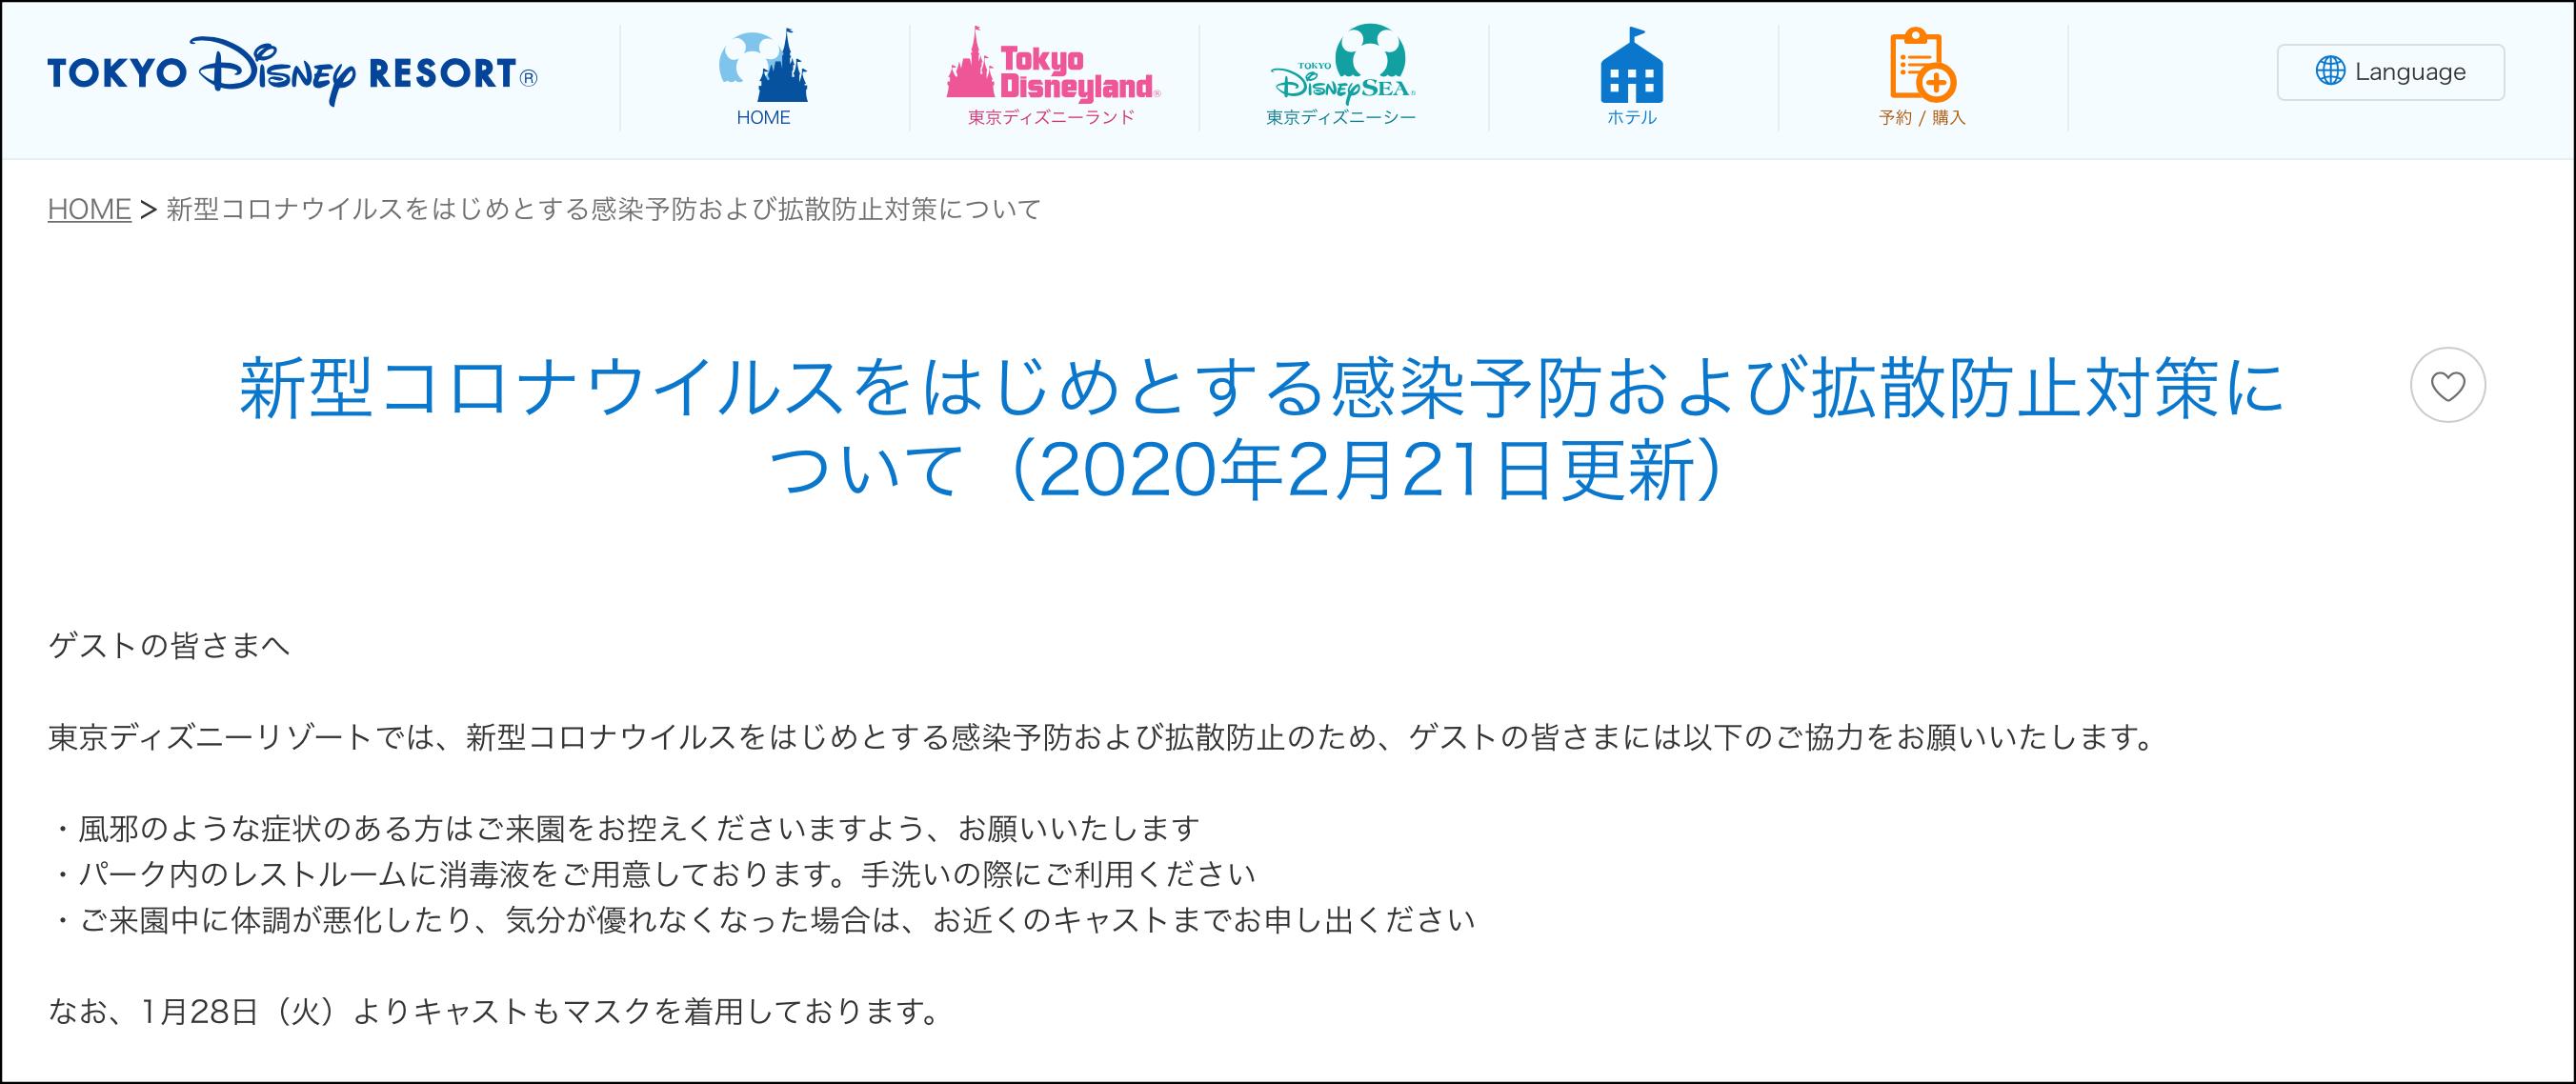 東京ディズニーランド 休園 可能性